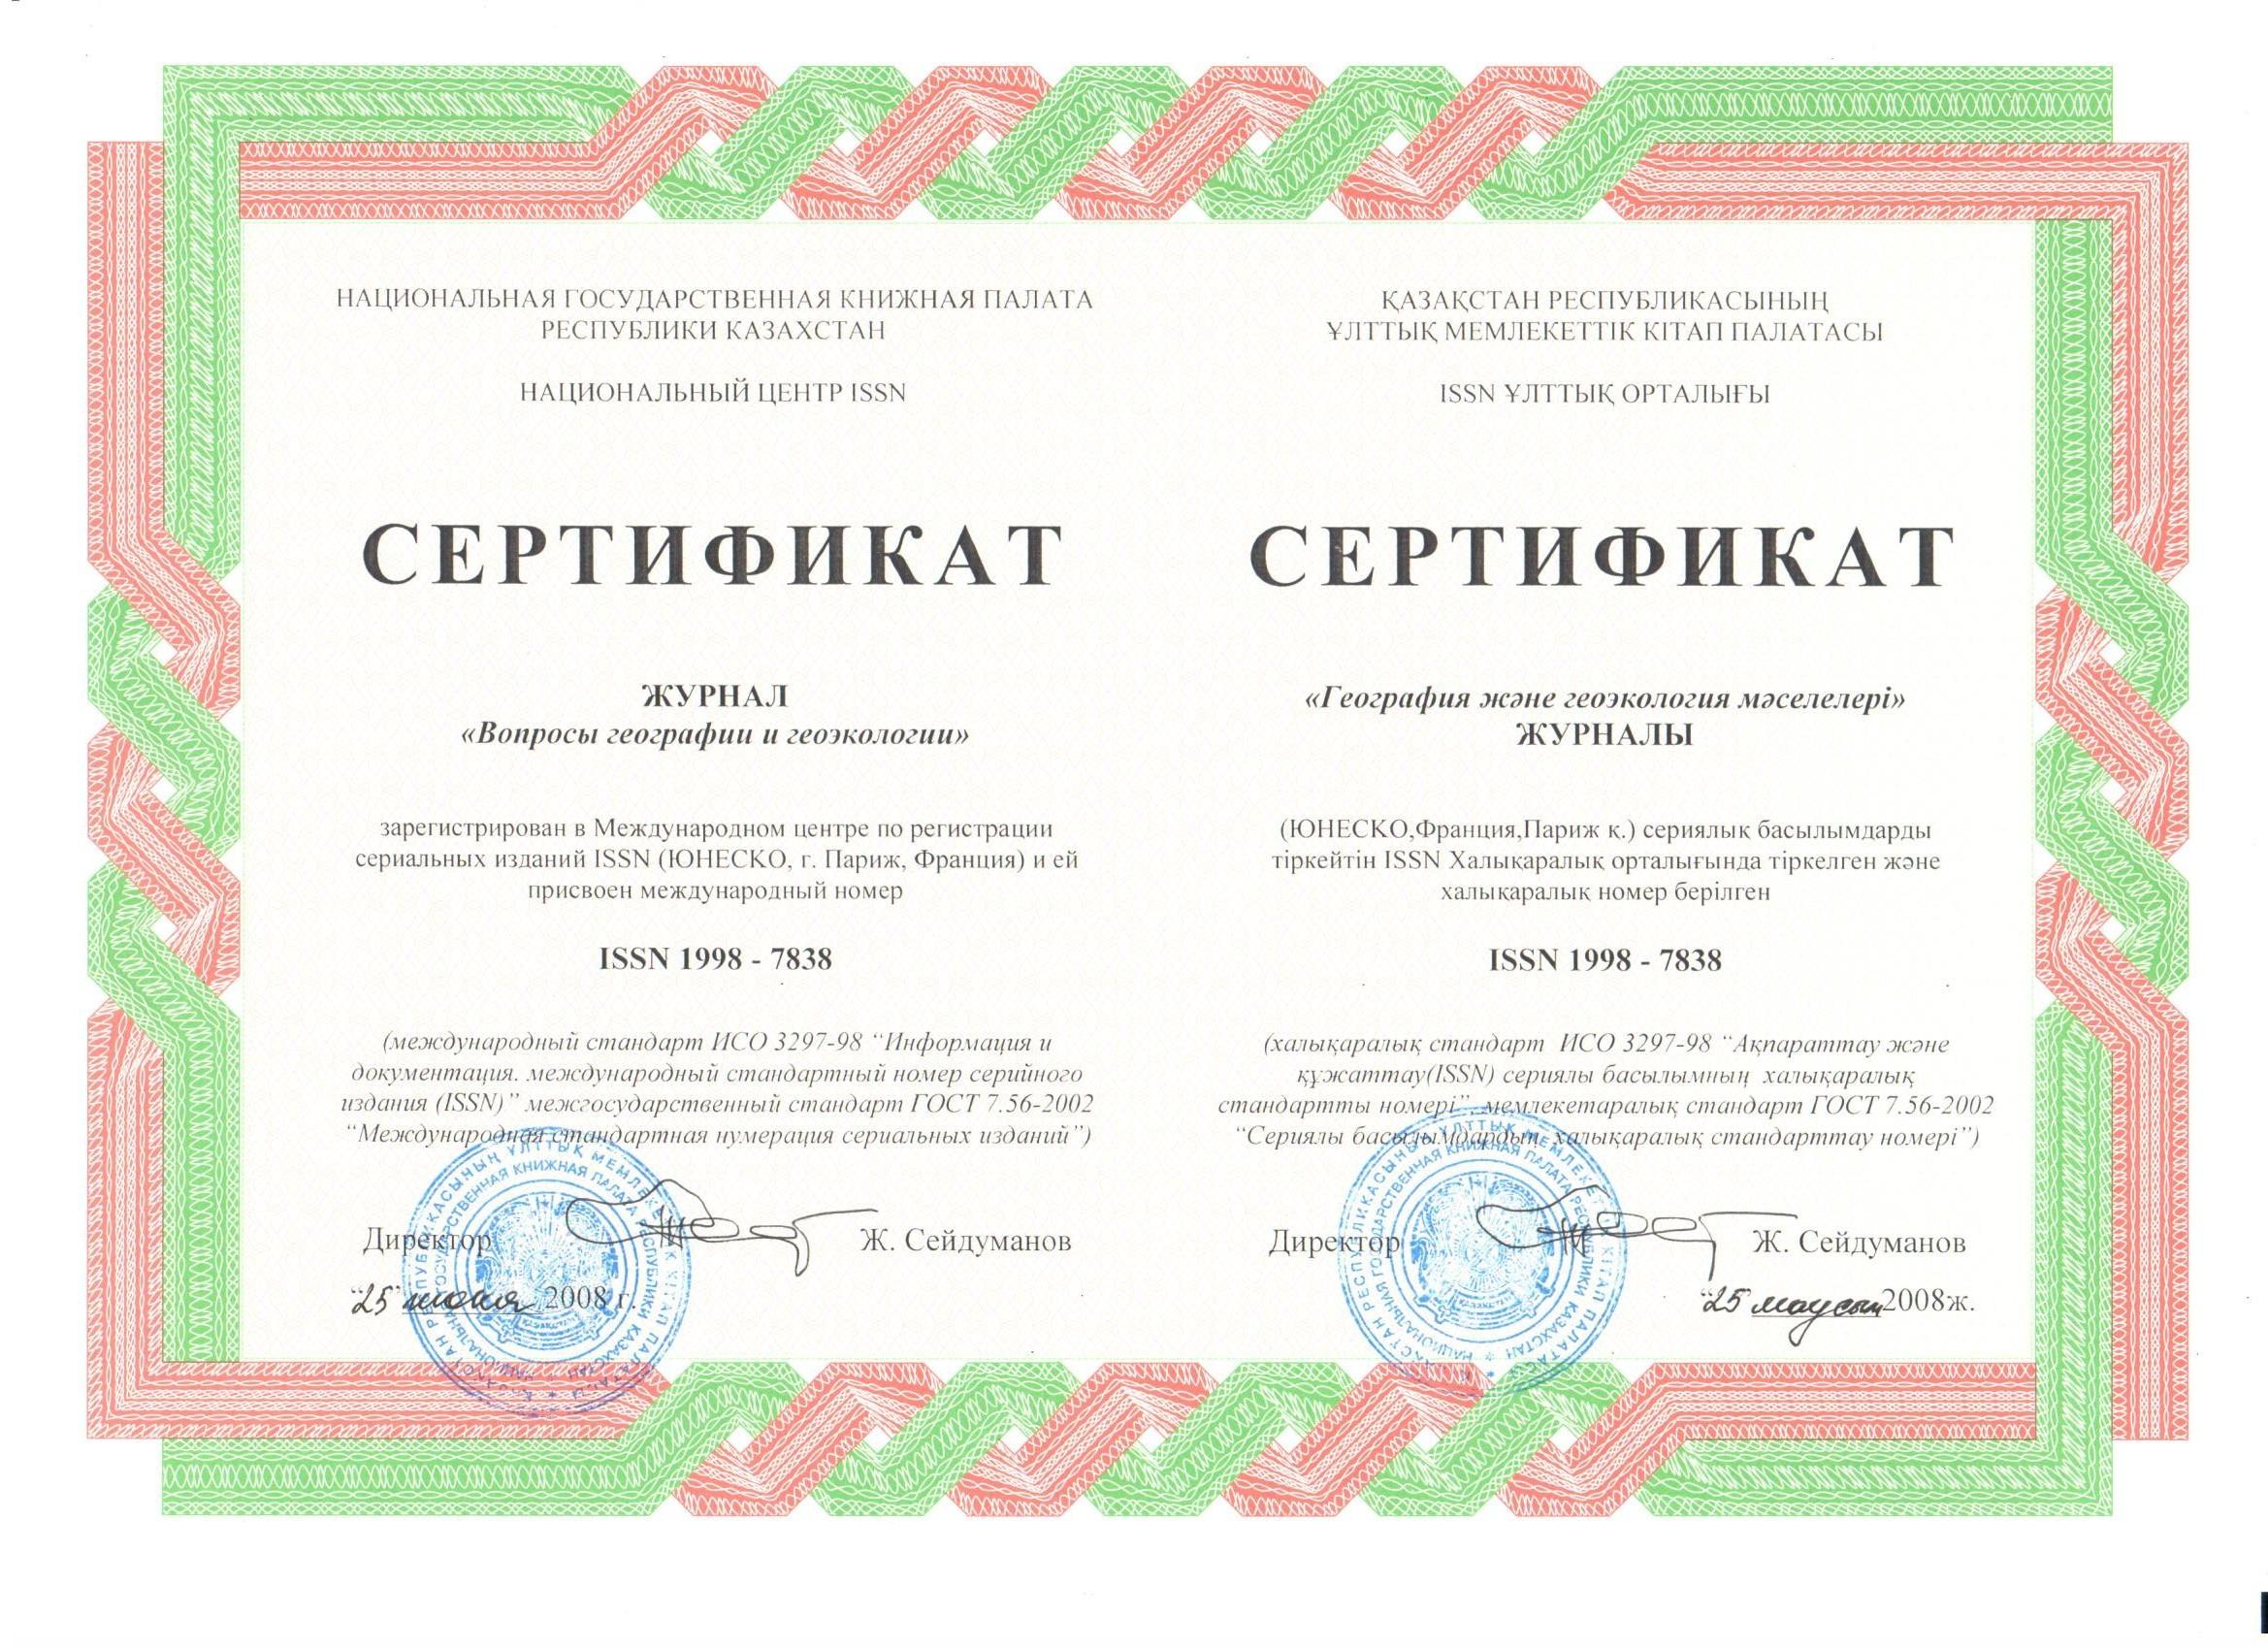 Сертификат ISSN